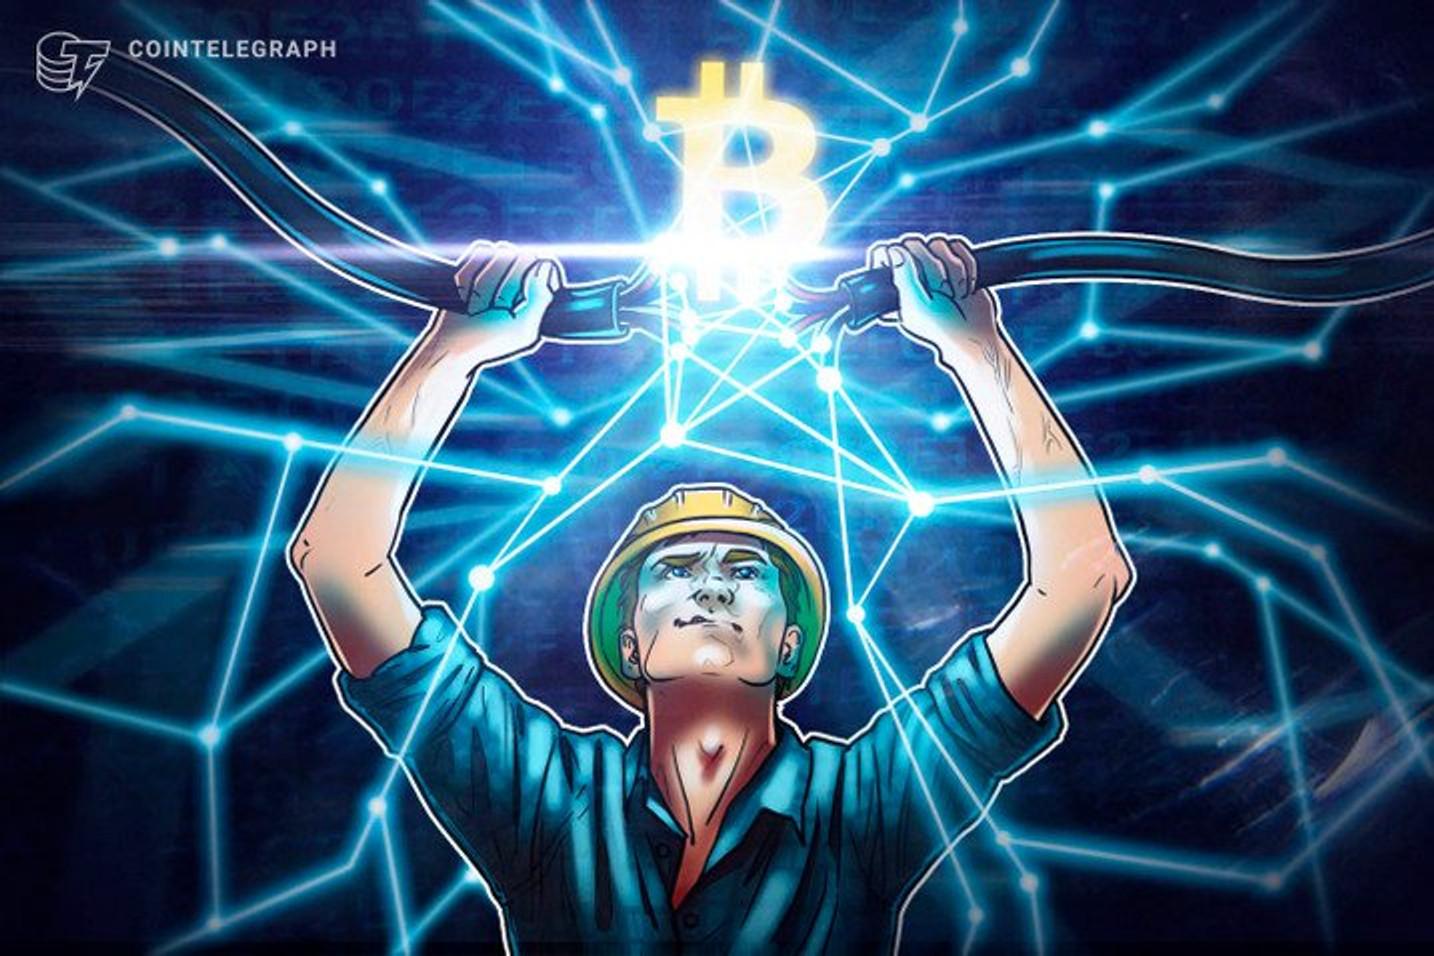 El Hashrate de Bitcoin aumenta un 14% en las últimas 24 horas